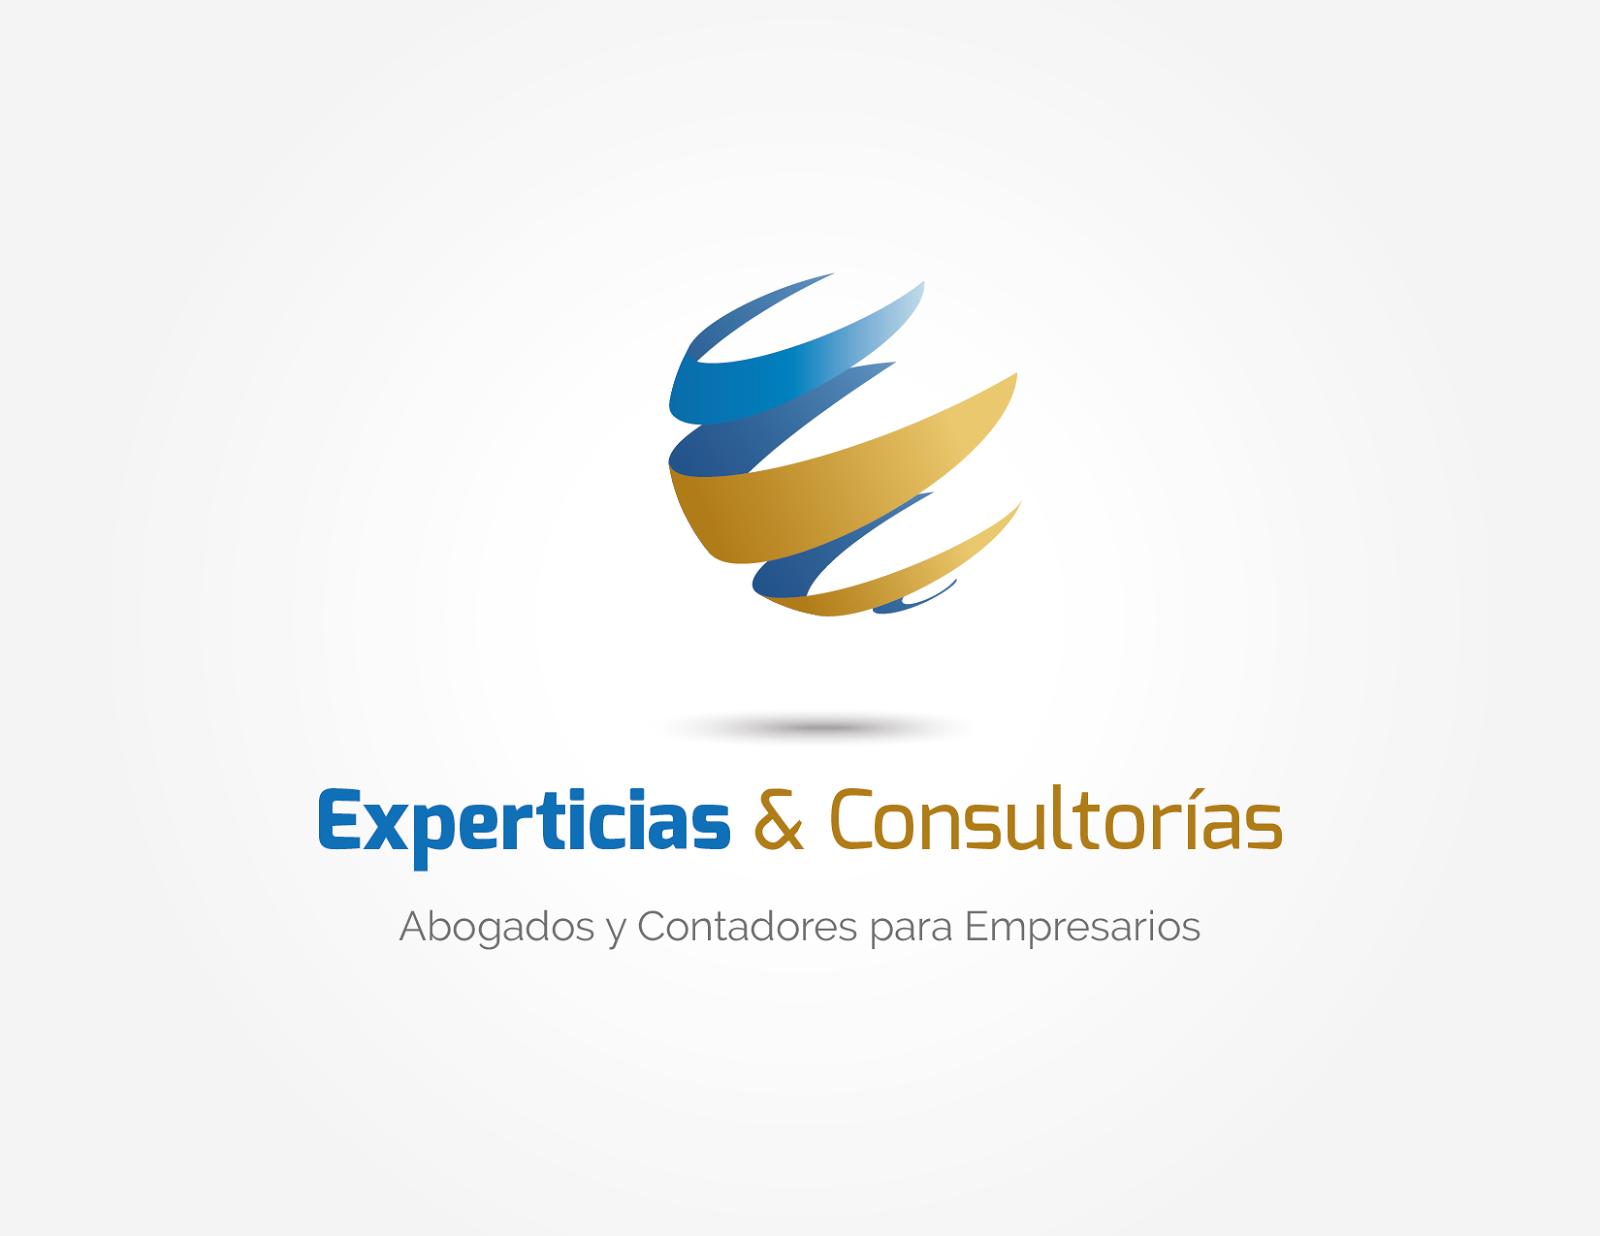 AUTOR: EXPERTICIAS & CONSULTORIAS